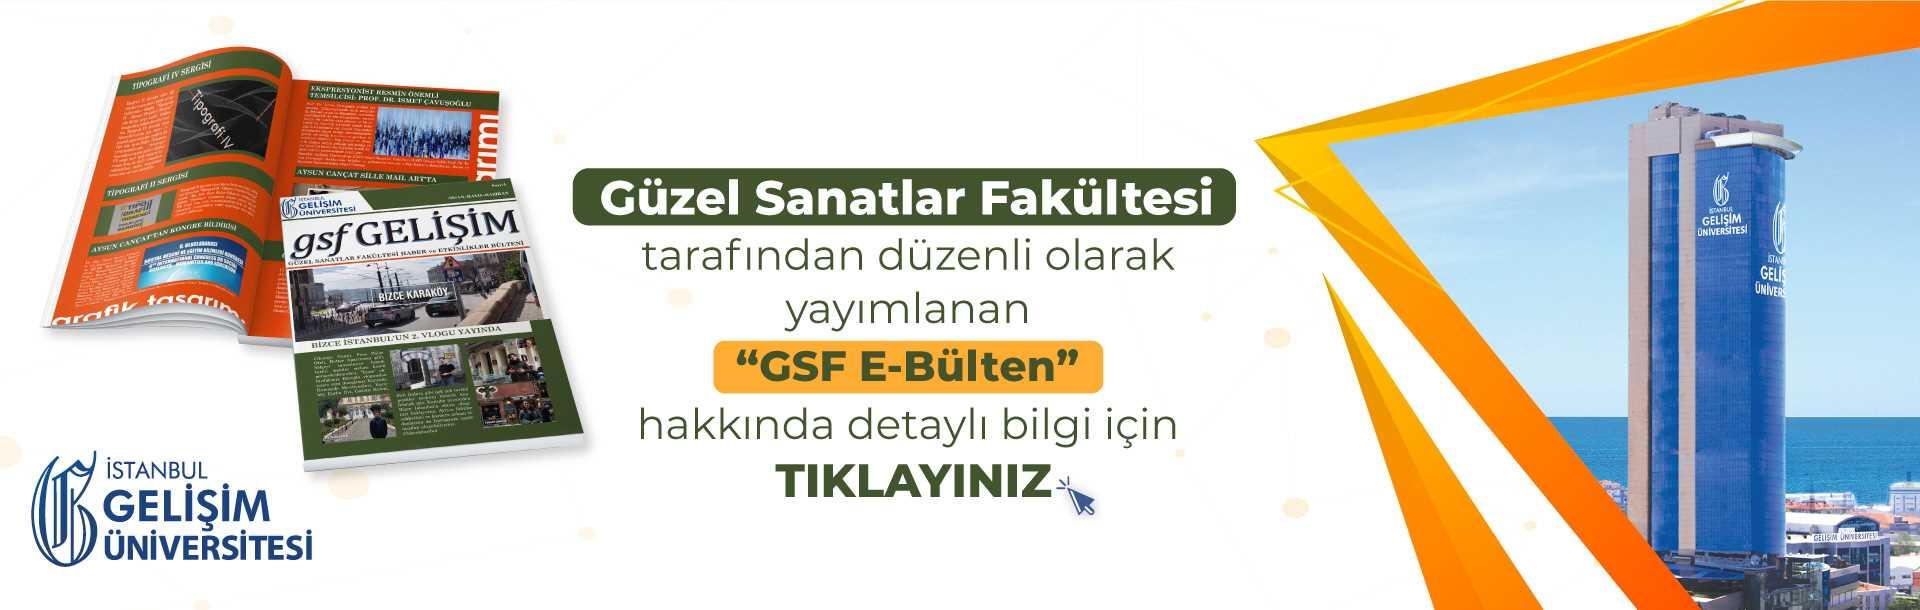 İGÜ GSF E-Bülten